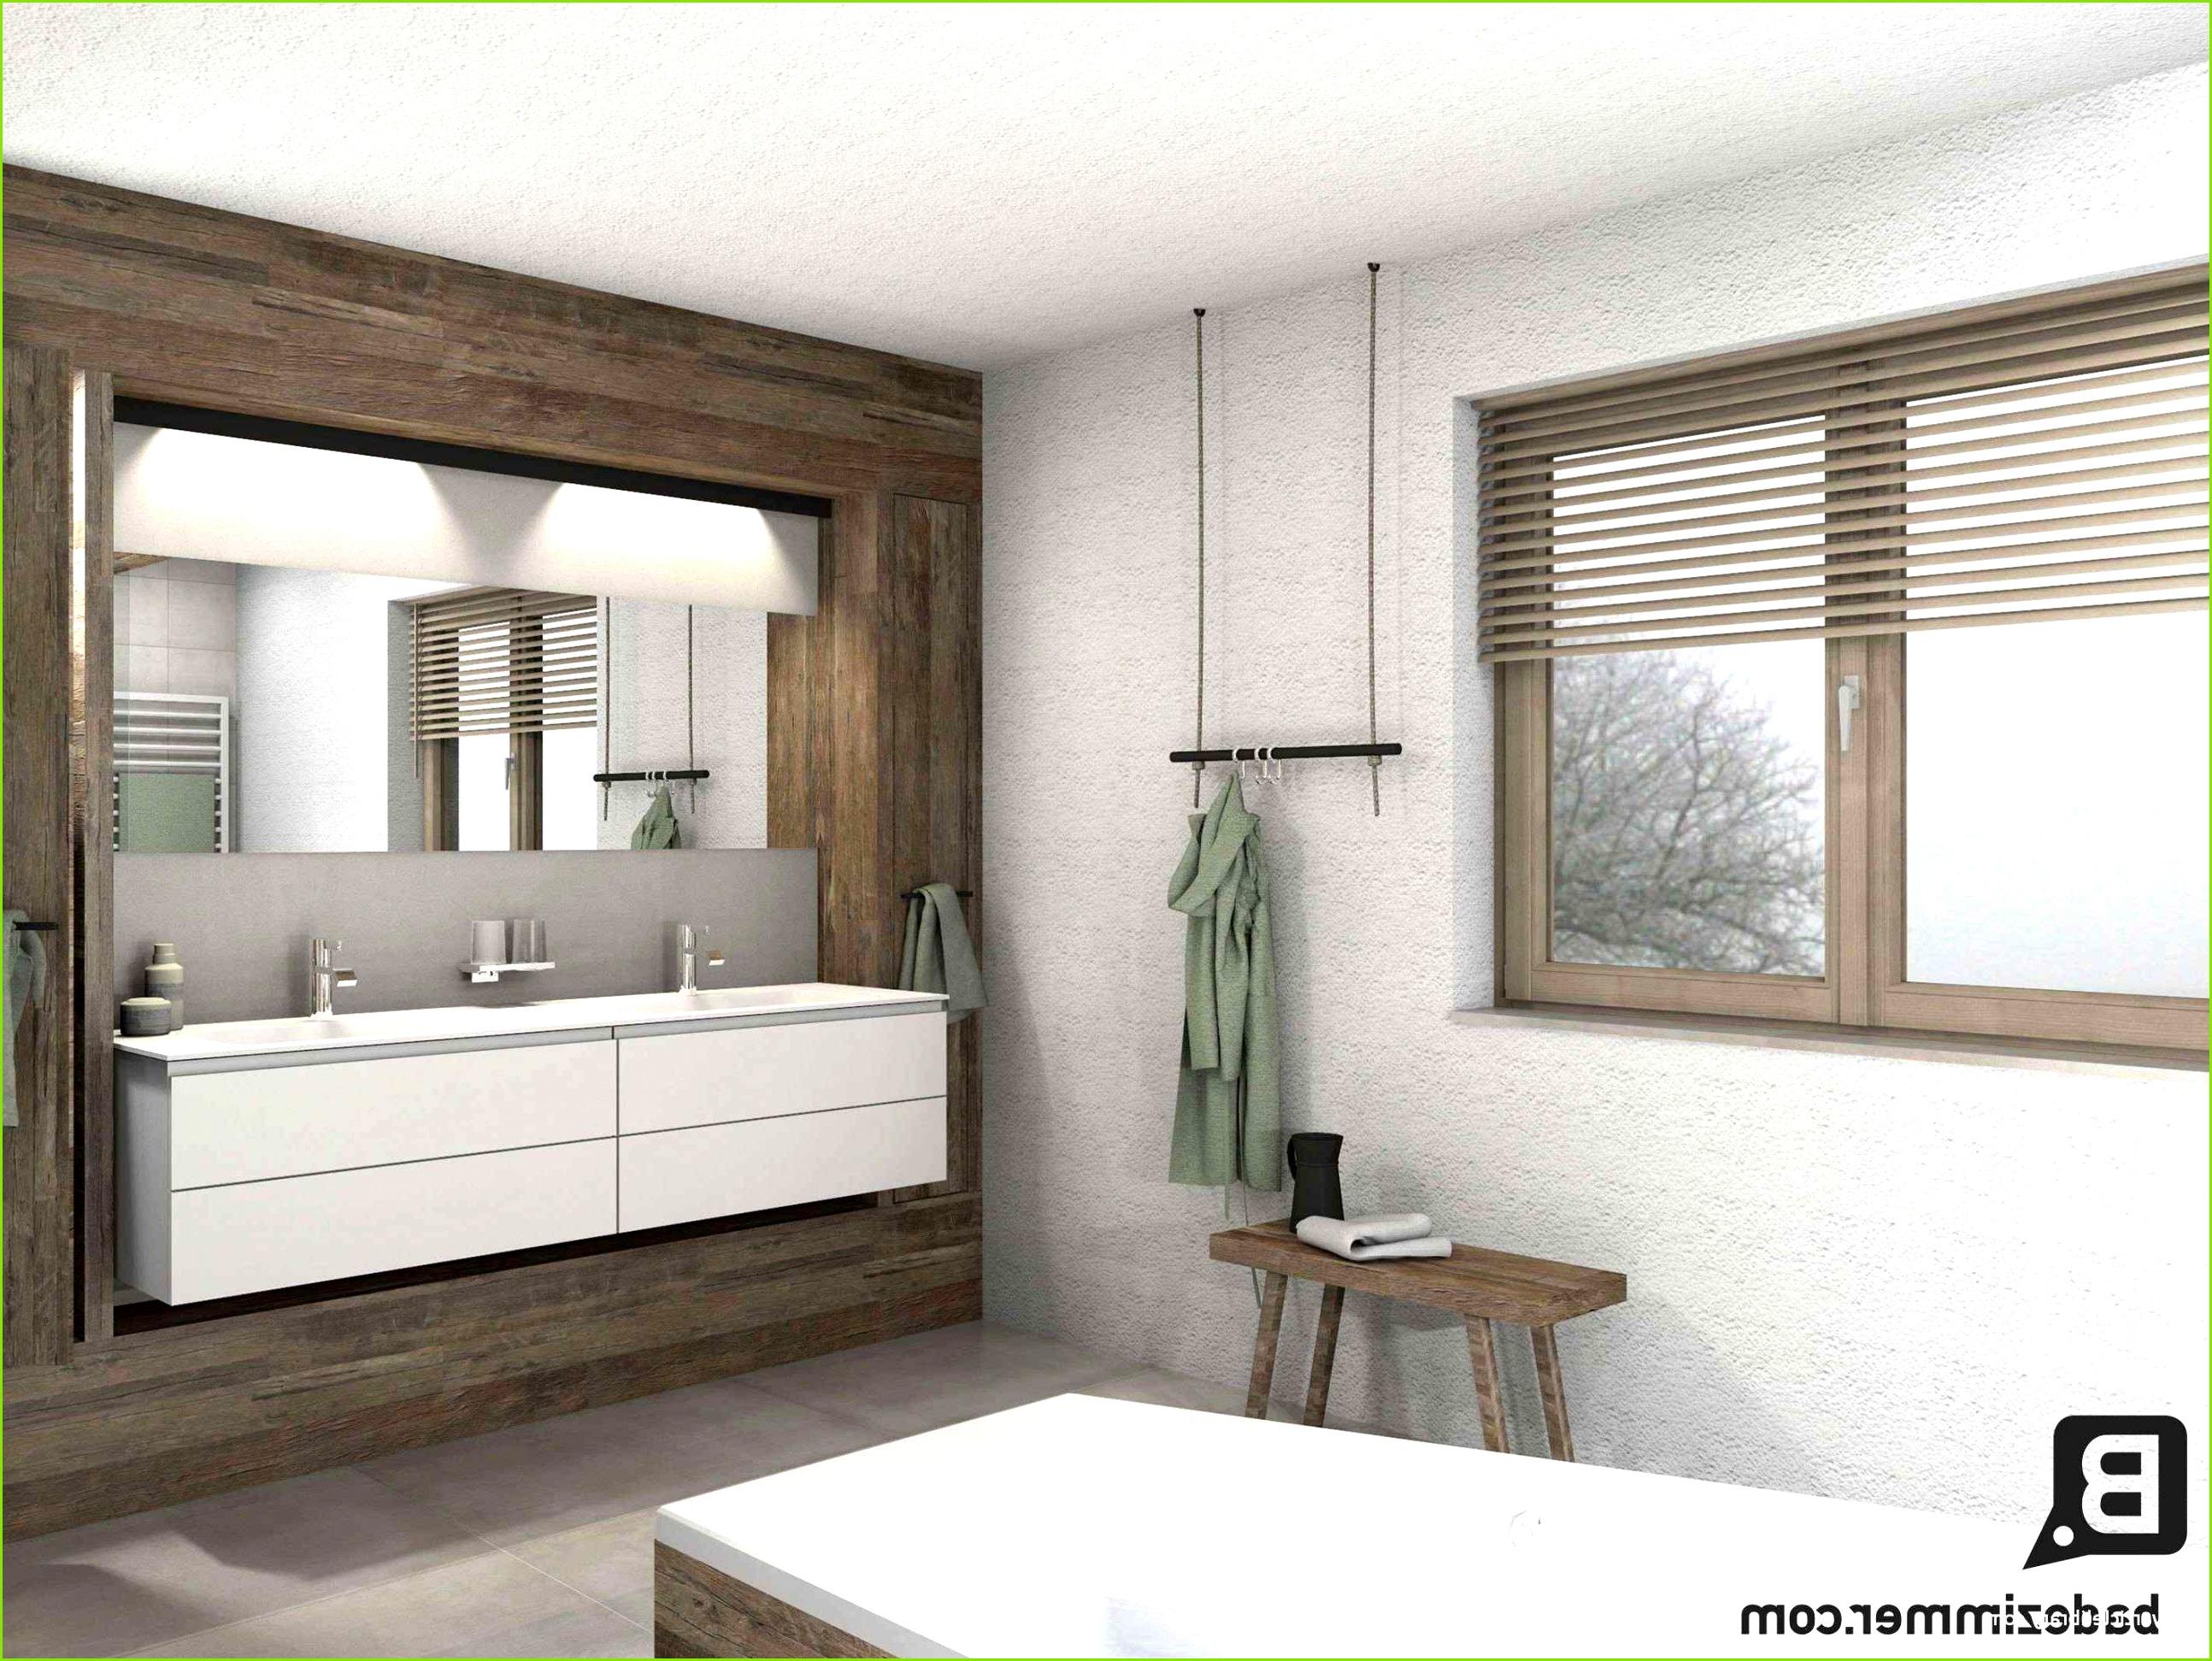 Bad Ideen Fliesen Einzigartige Moderne Badezimmer Bilder Fantastisch Muster Badezimmer 0d Design 53 Inspirierend Bad